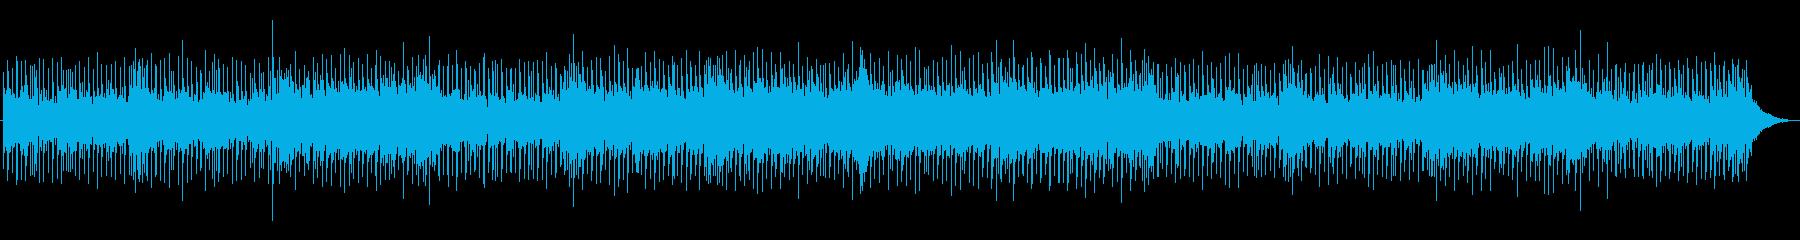 真向カントリーロックの再生済みの波形